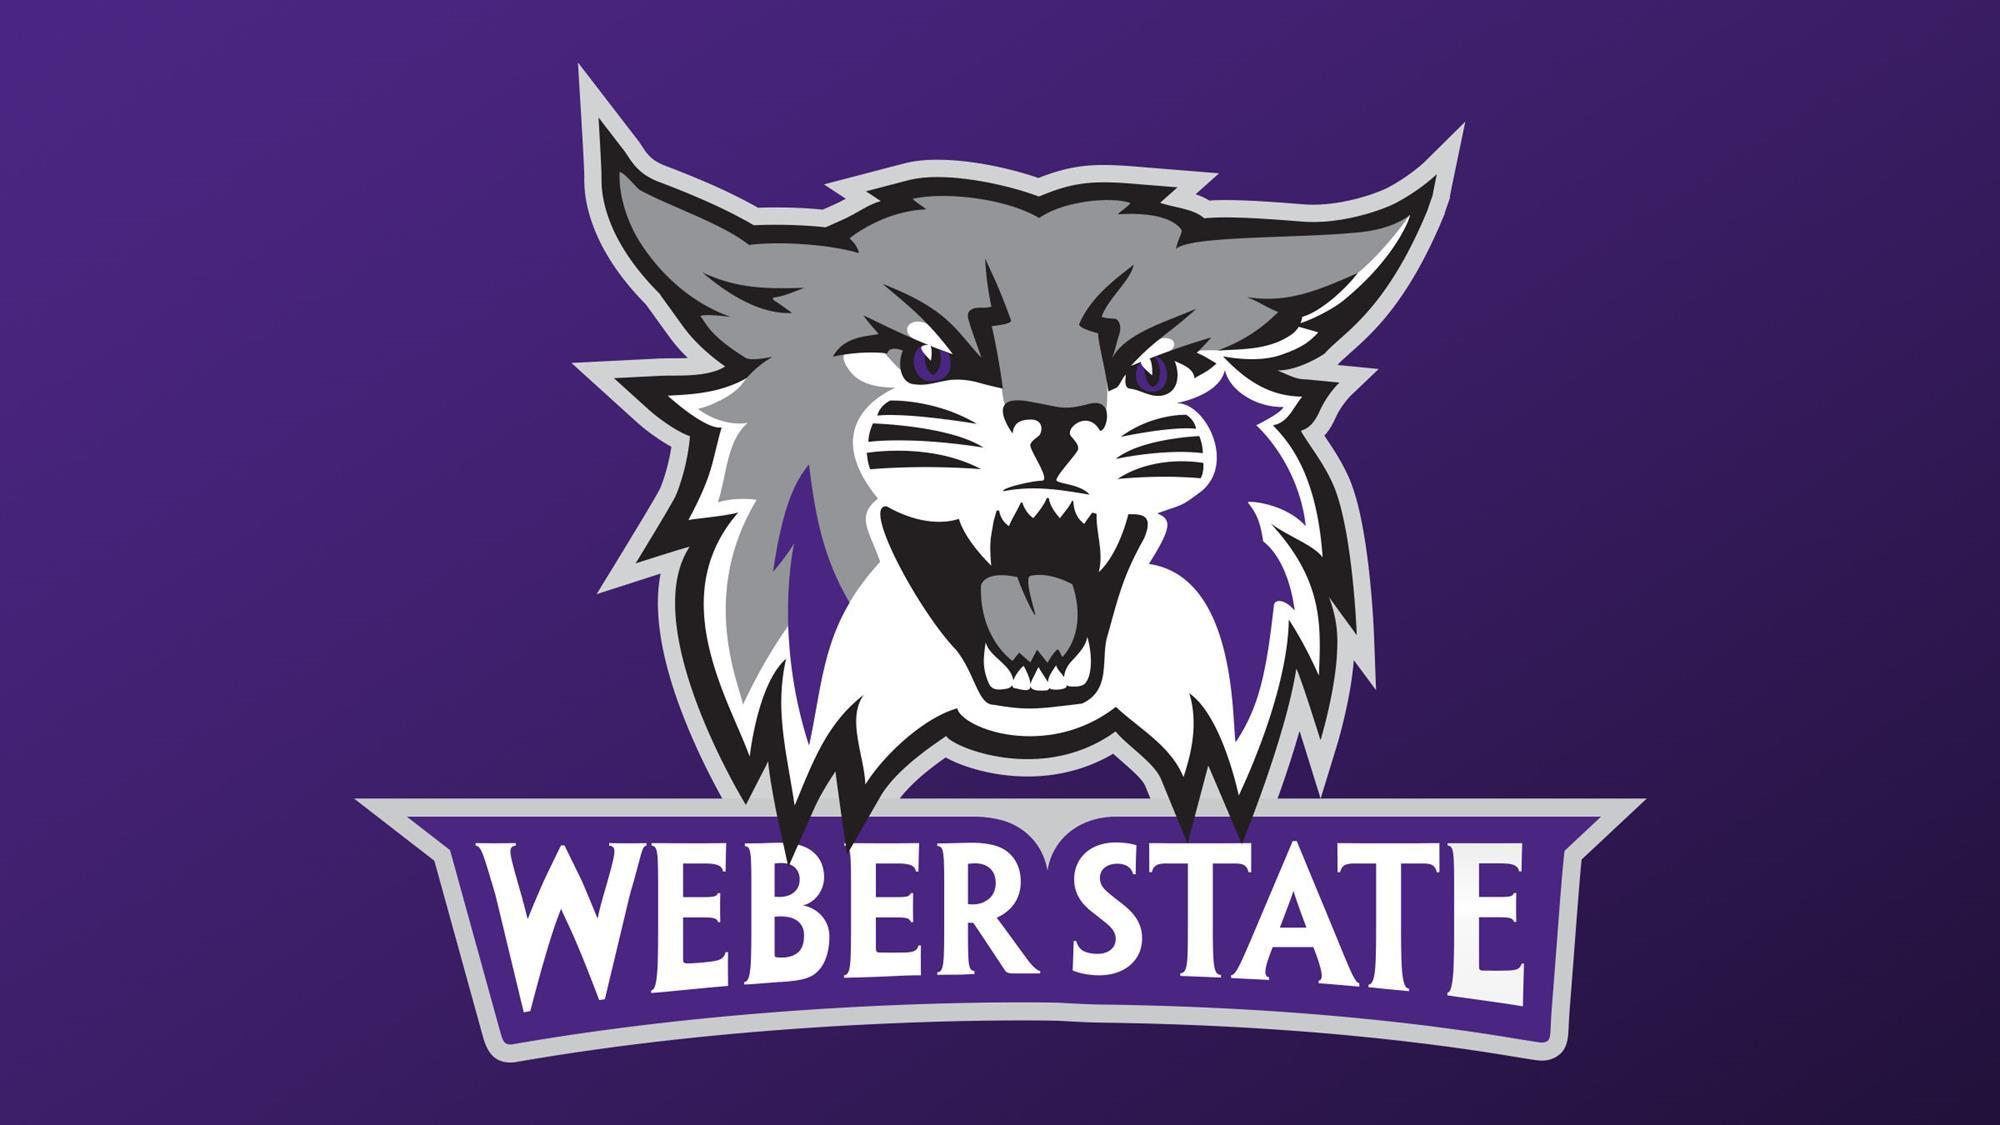 Weber state logo download.